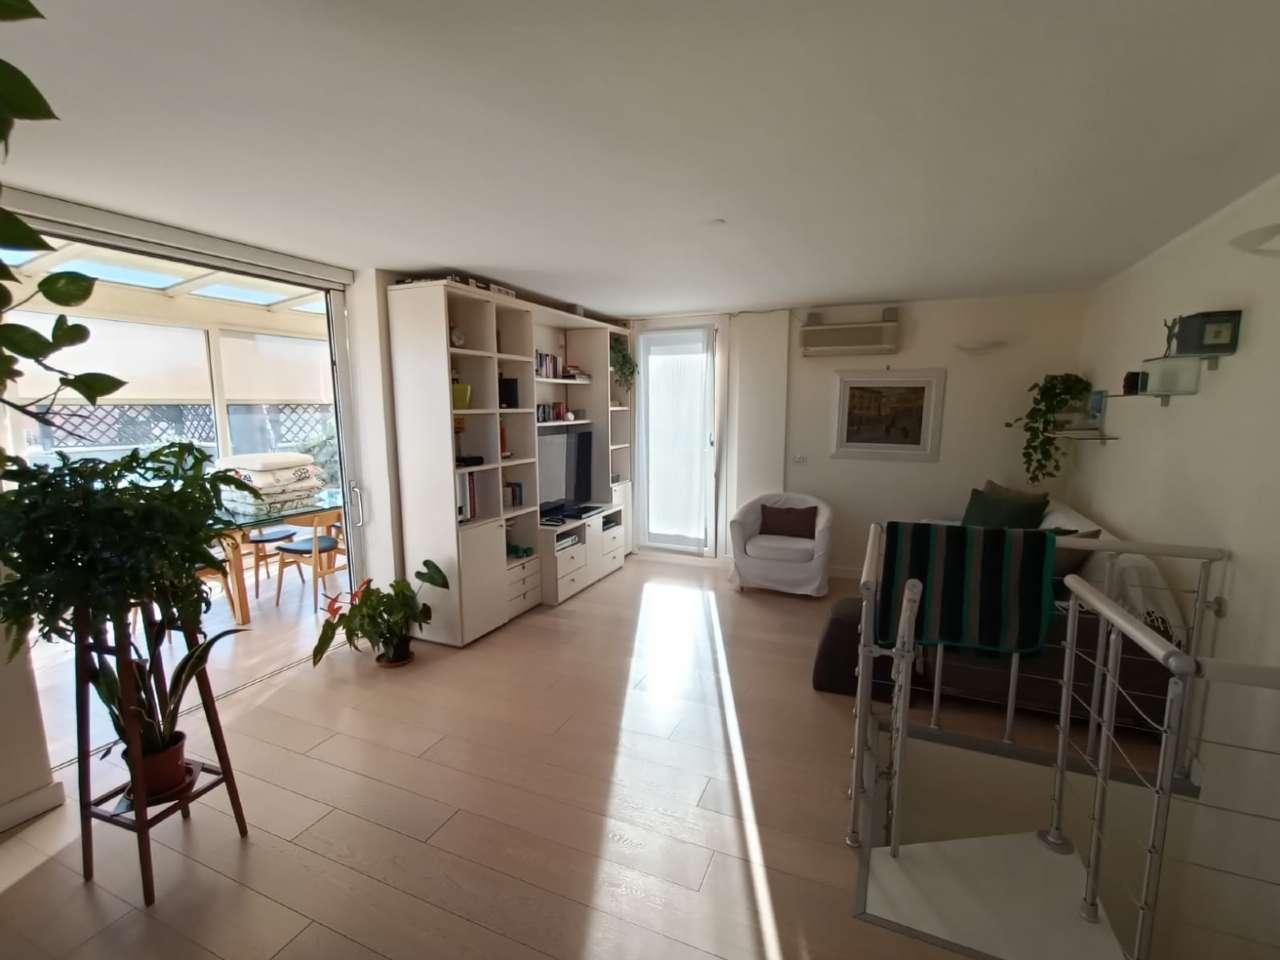 Appartamento in vendita a Roma, 4 locali, zona Zona: 27 . Aurelio - Boccea, prezzo € 530.000 | CambioCasa.it